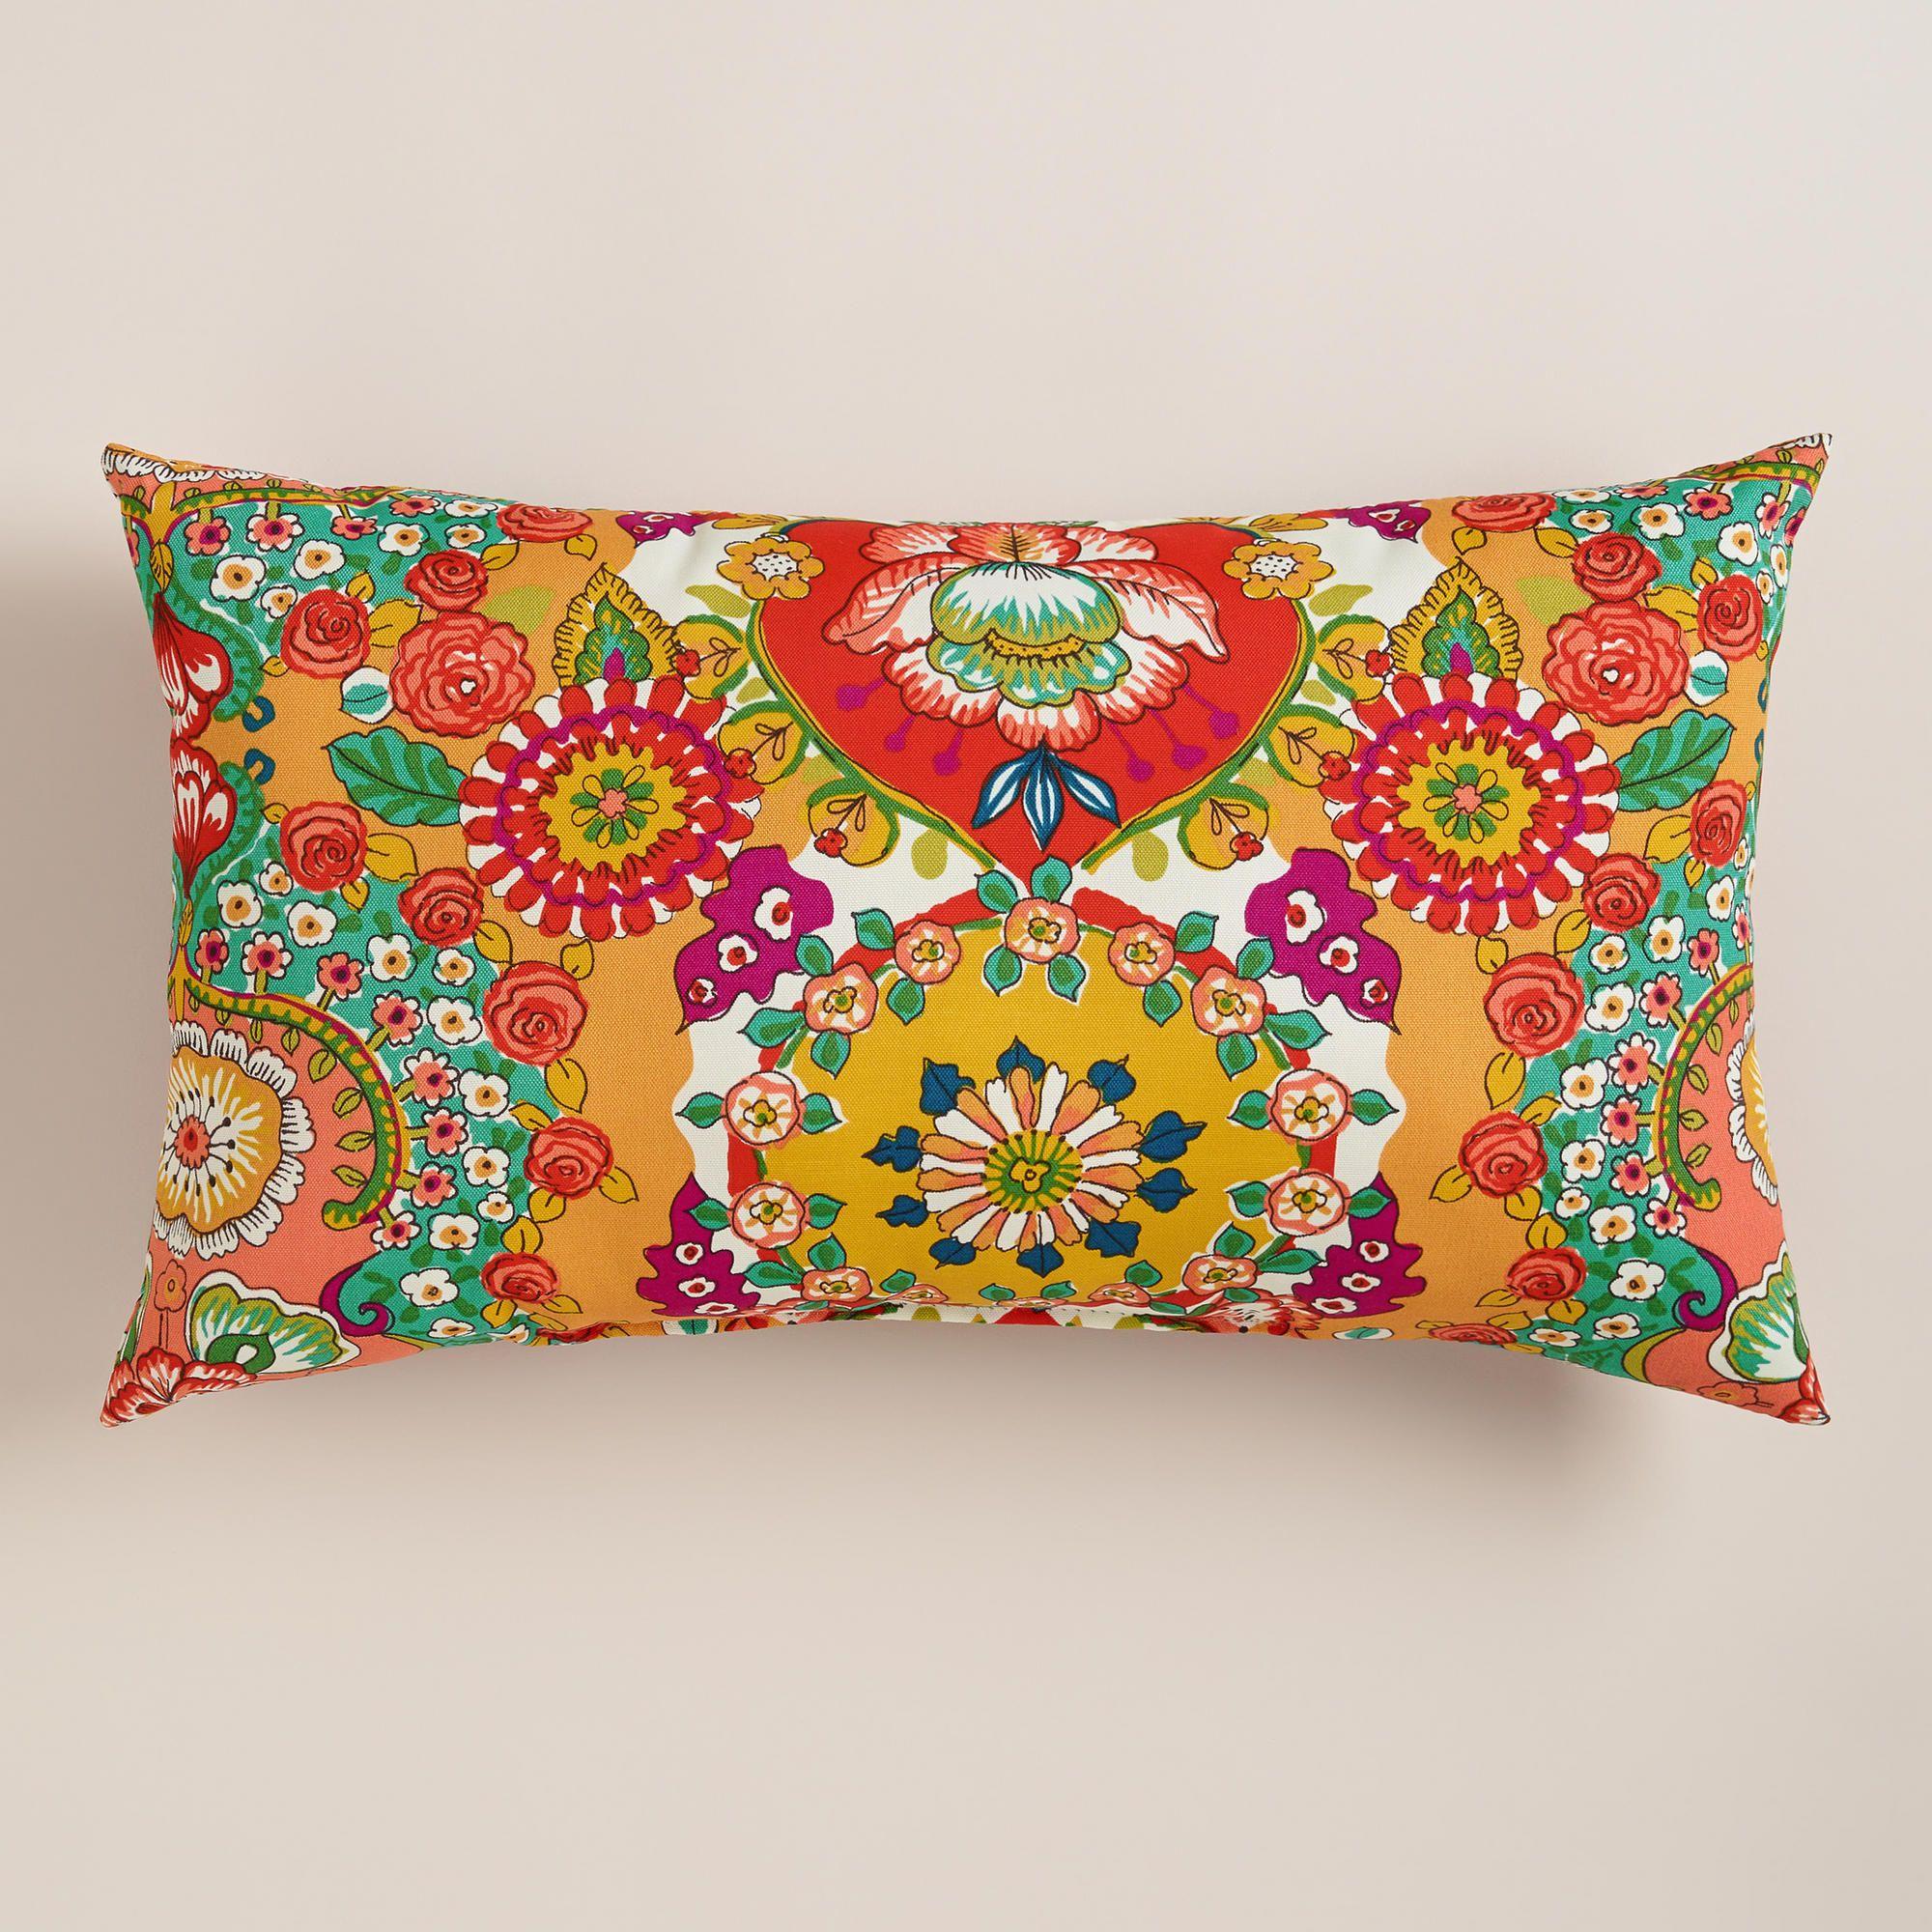 Bettina Outdoor Lumbar Pillow World Market